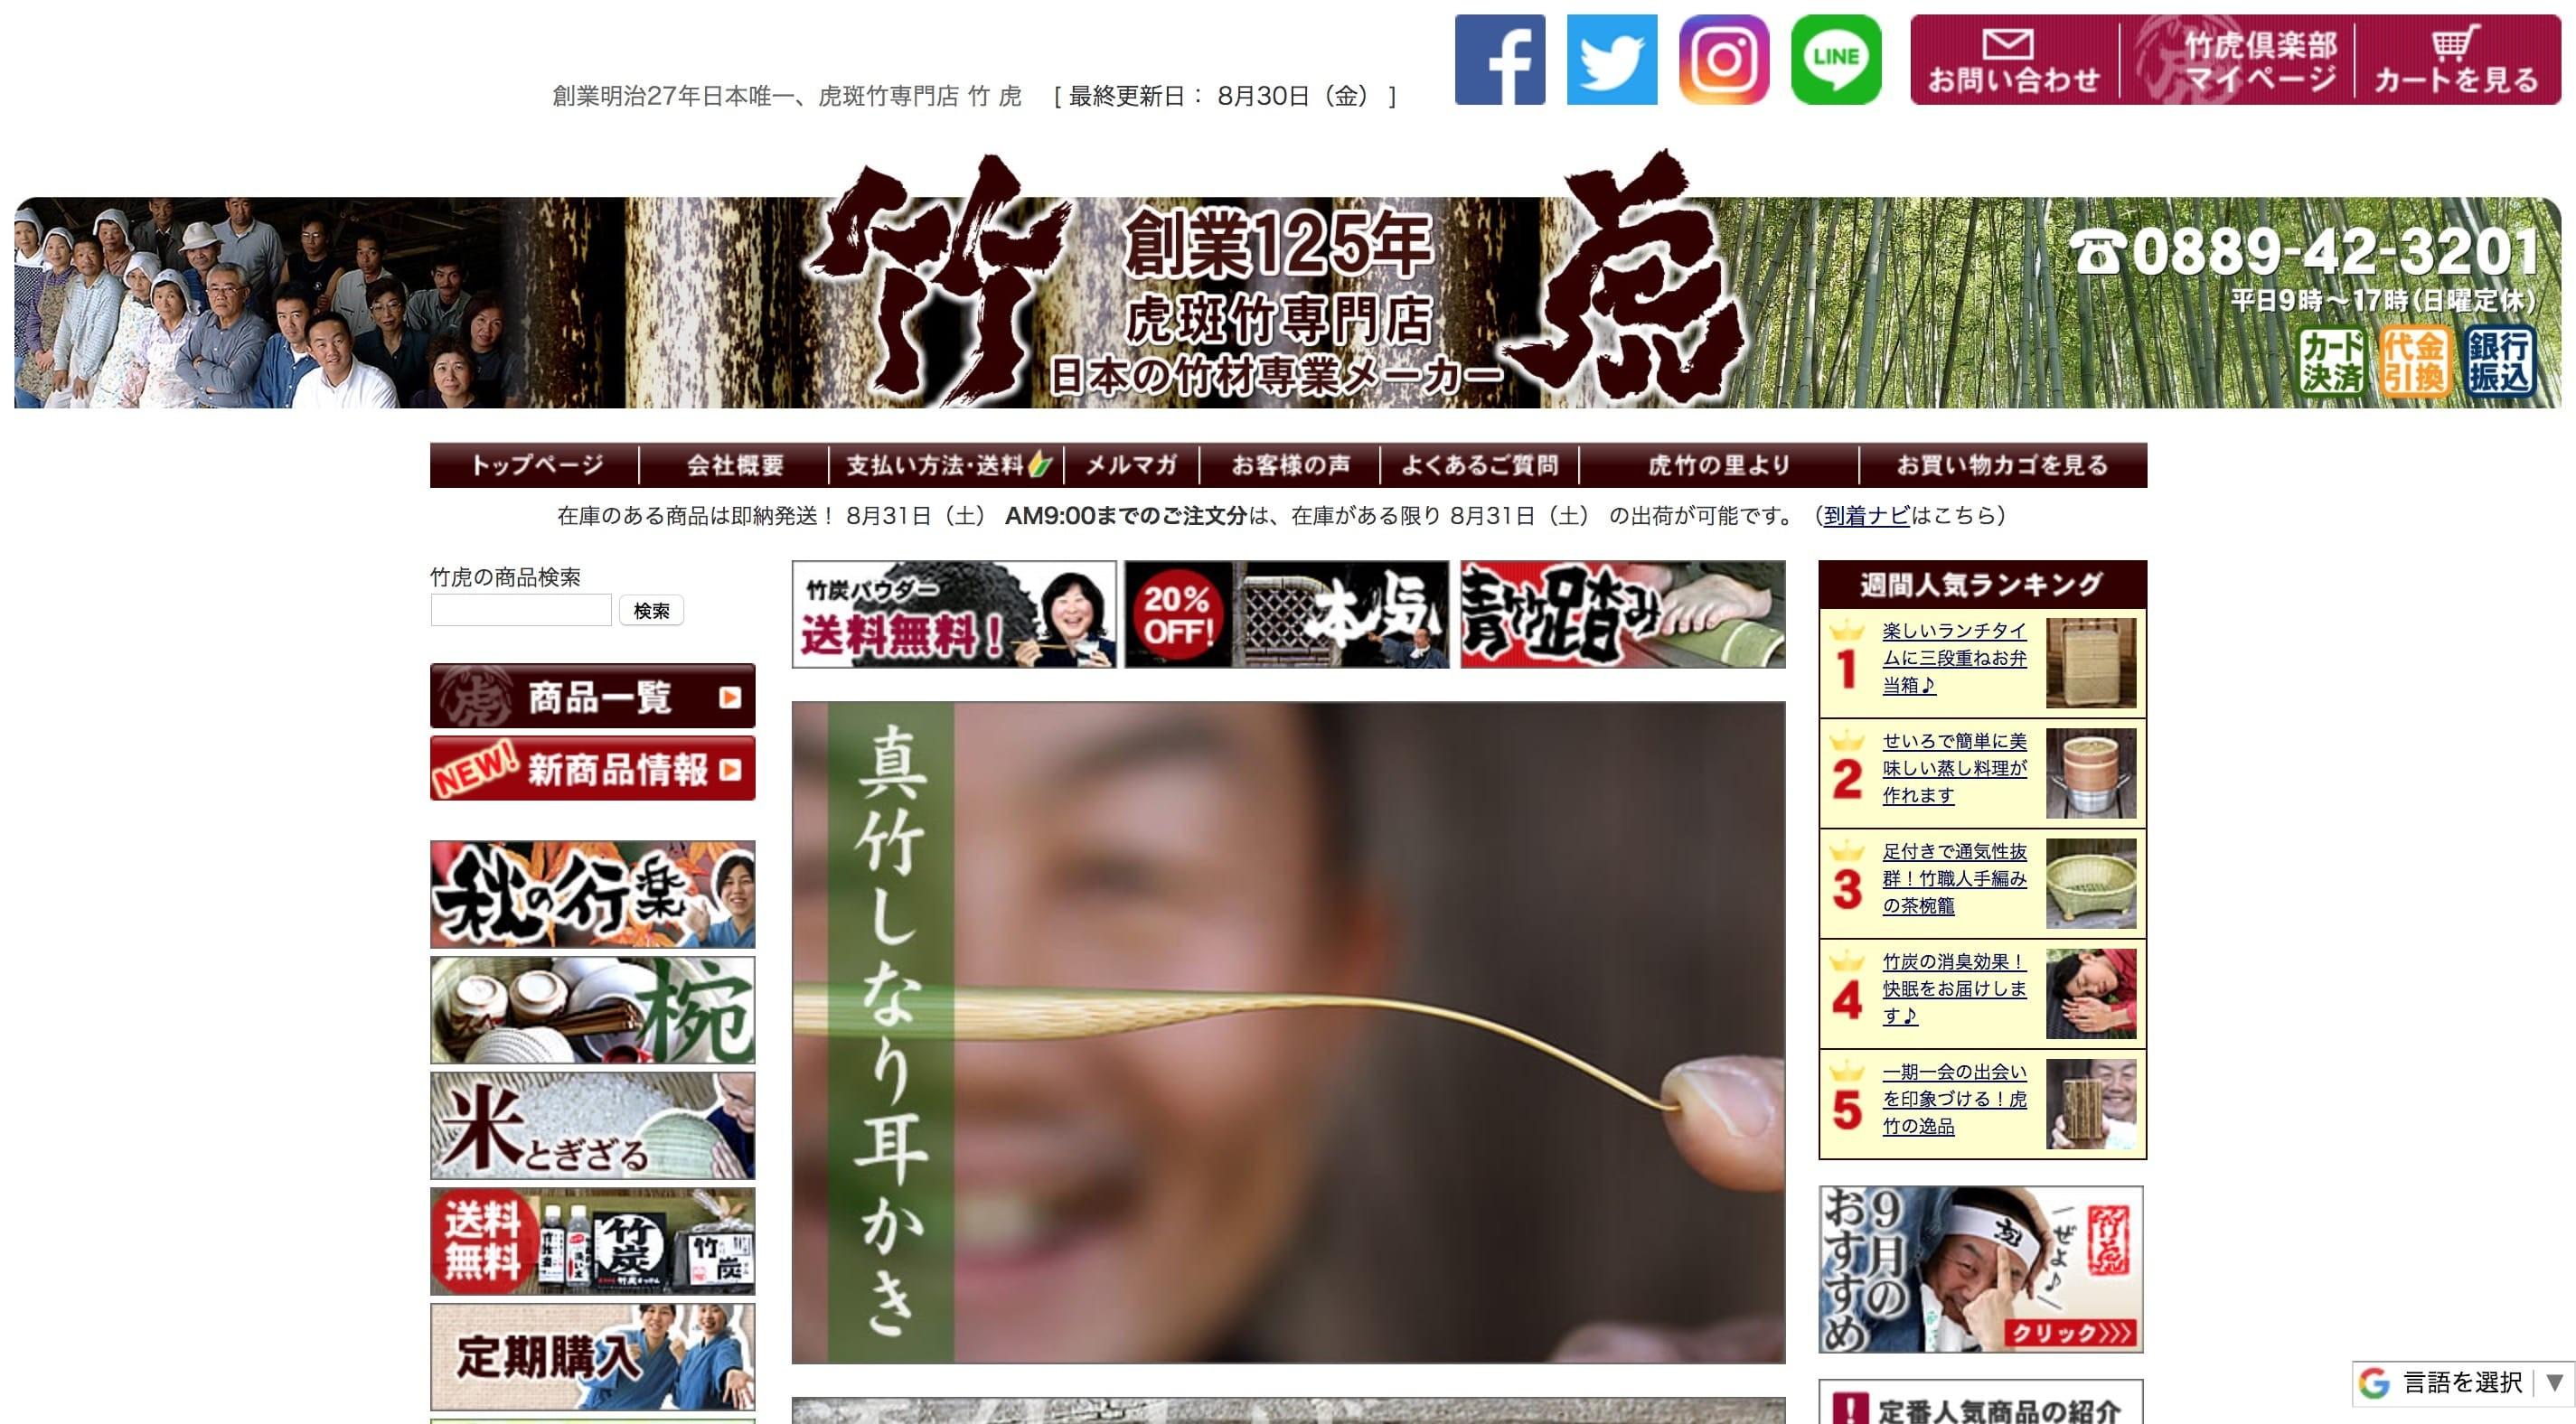 虎斑竹専門店 竹虎_ECサイト